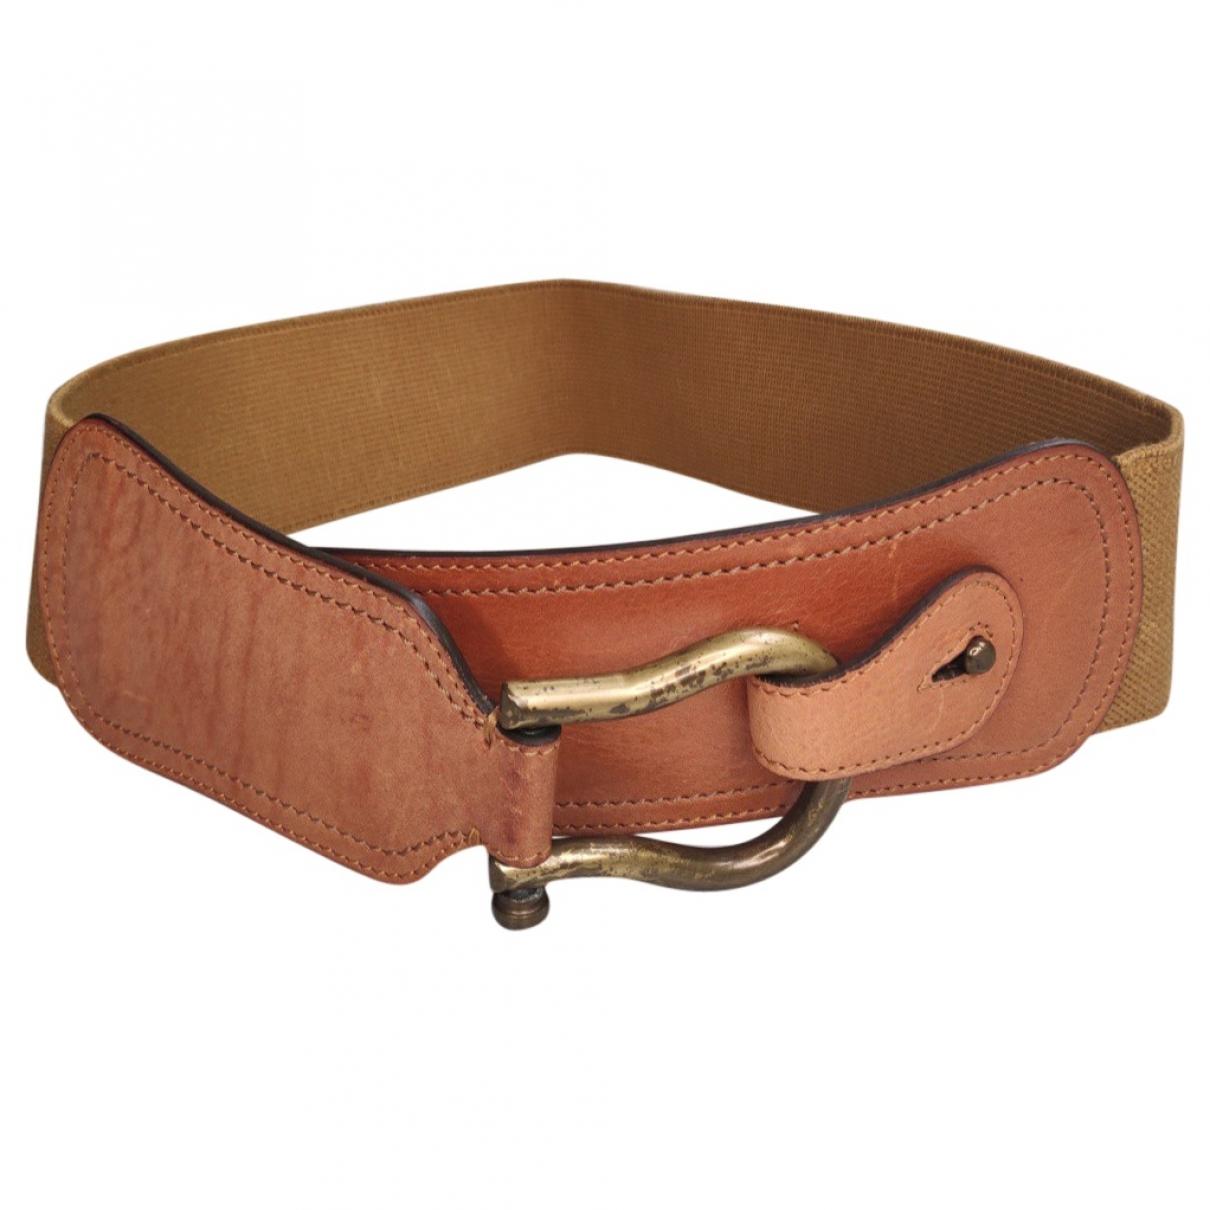 Cinturon de Lona Chloe